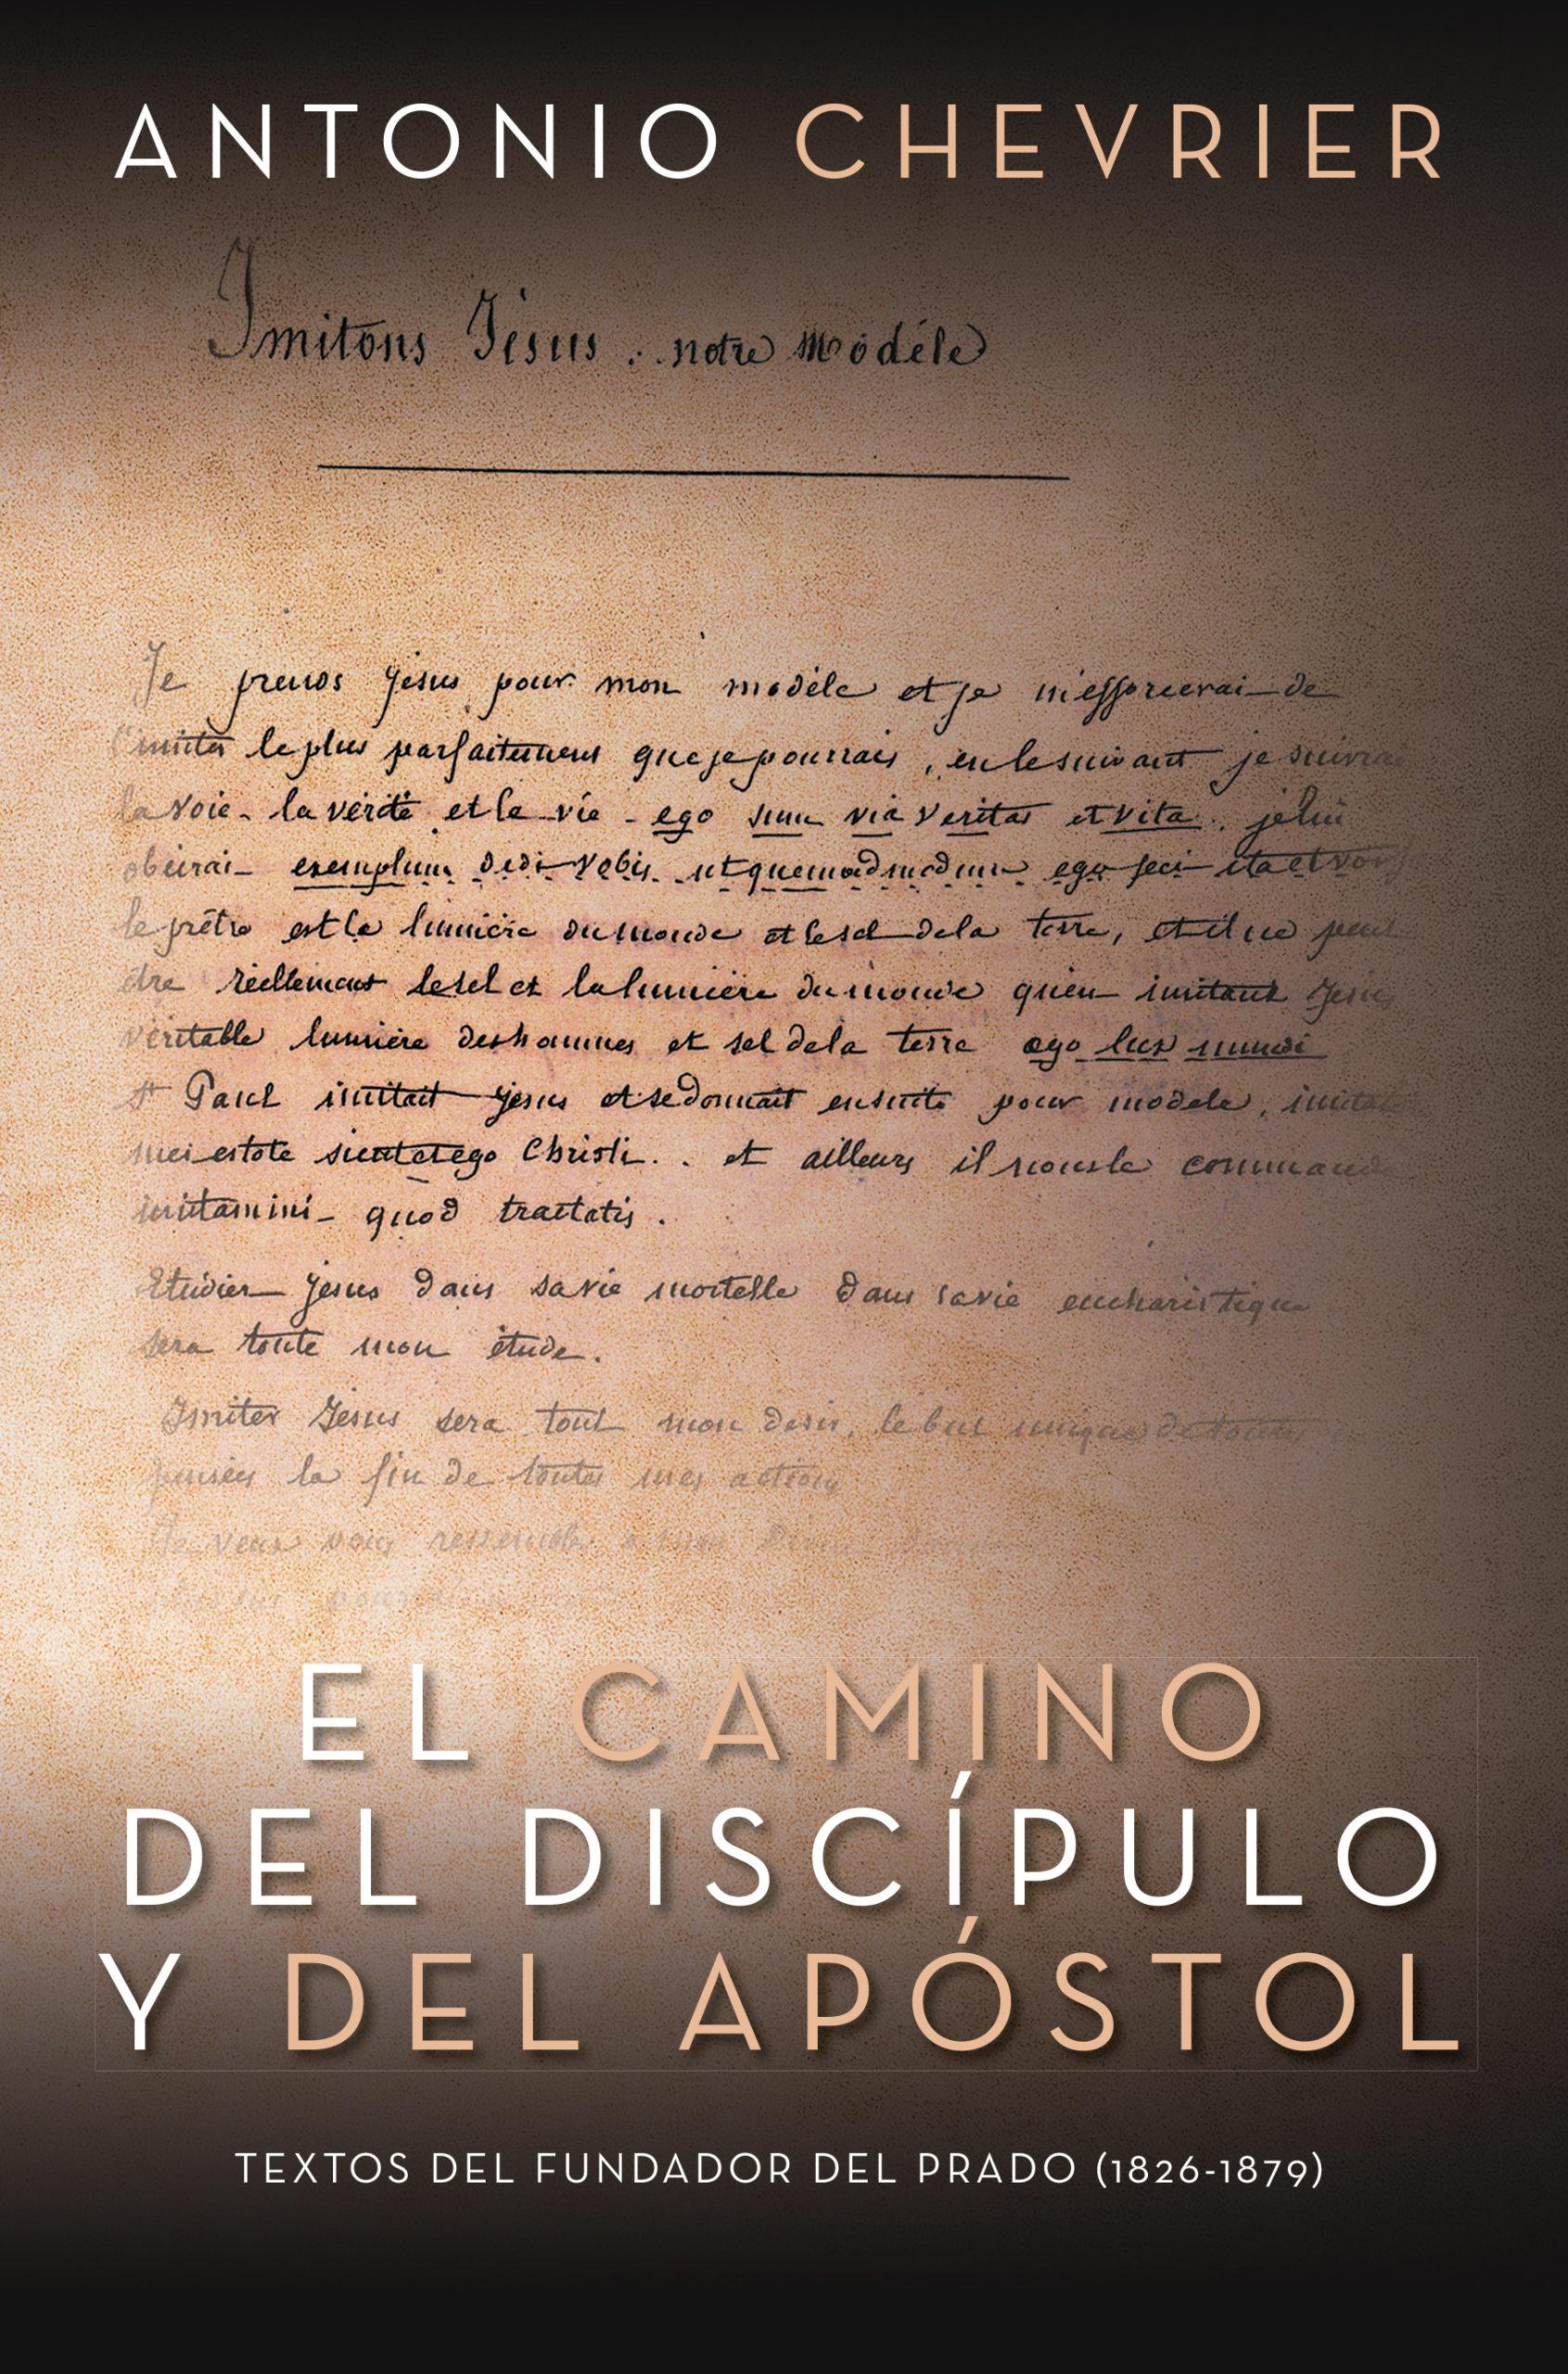 El camino del discípulo y del apostol